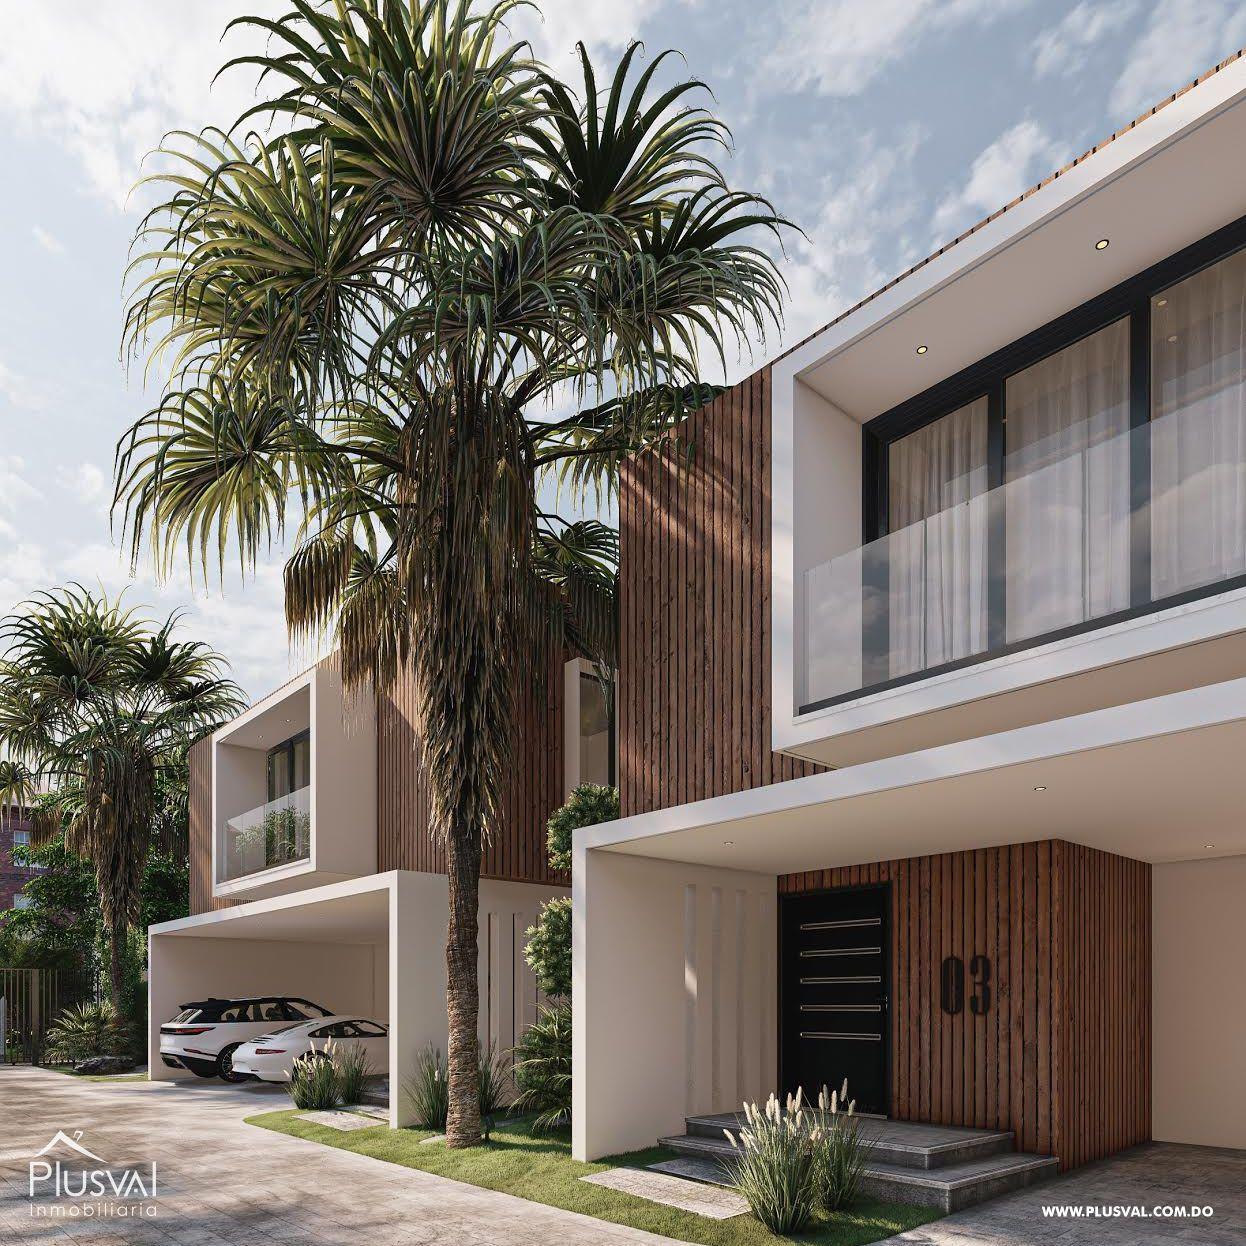 Exclusivas casas en venta de 4 habitaciones en Cuesta HermosaII